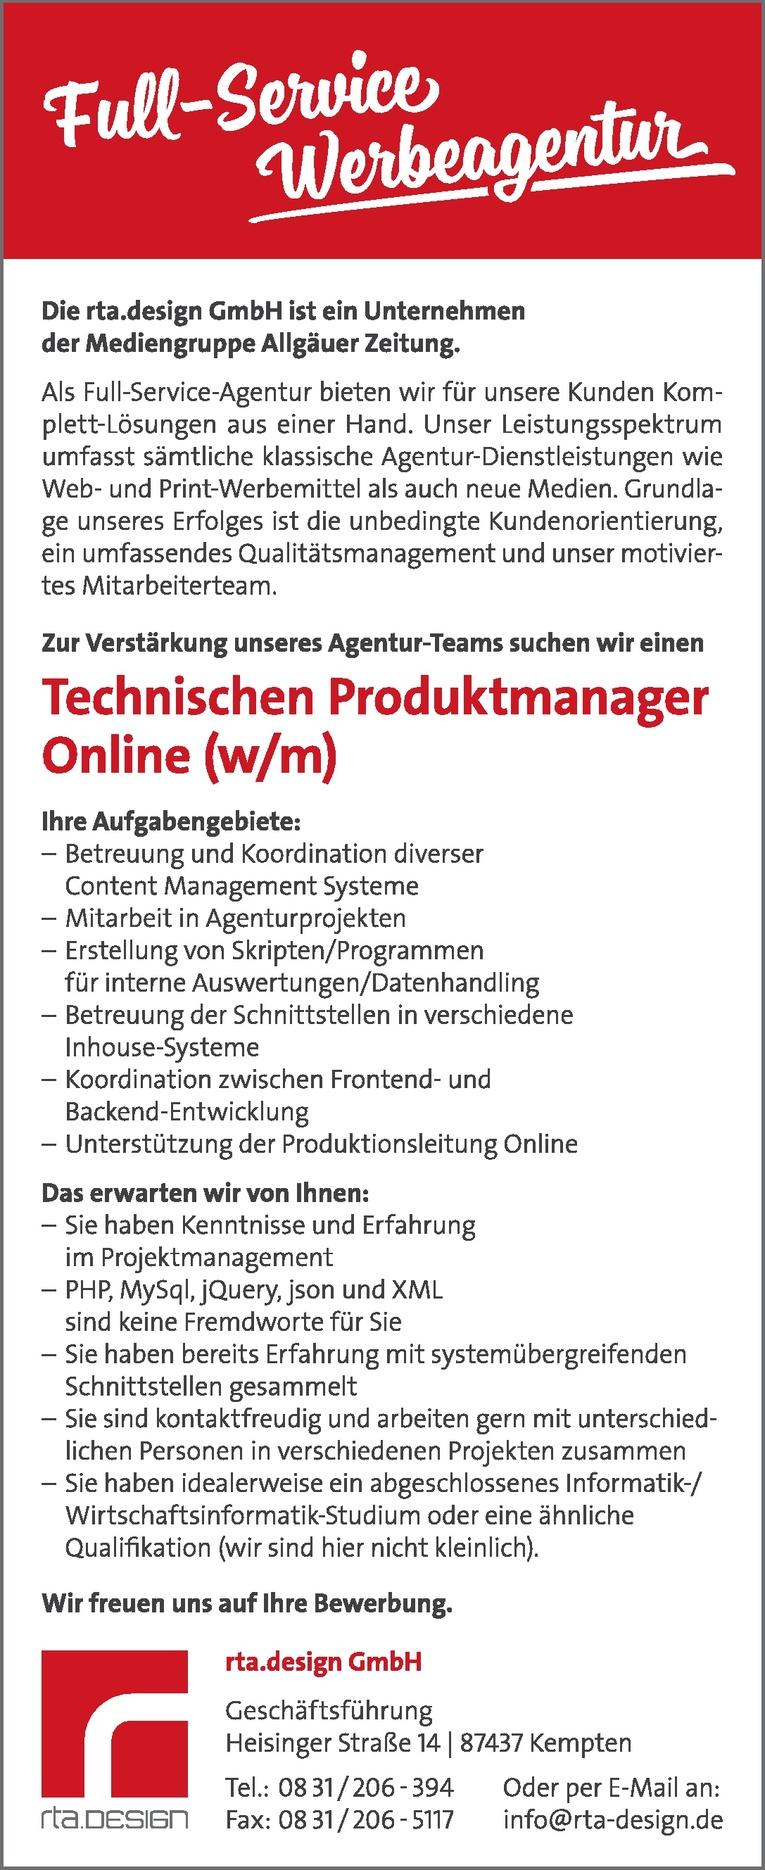 Technischer Produktmanager Online (w/m)